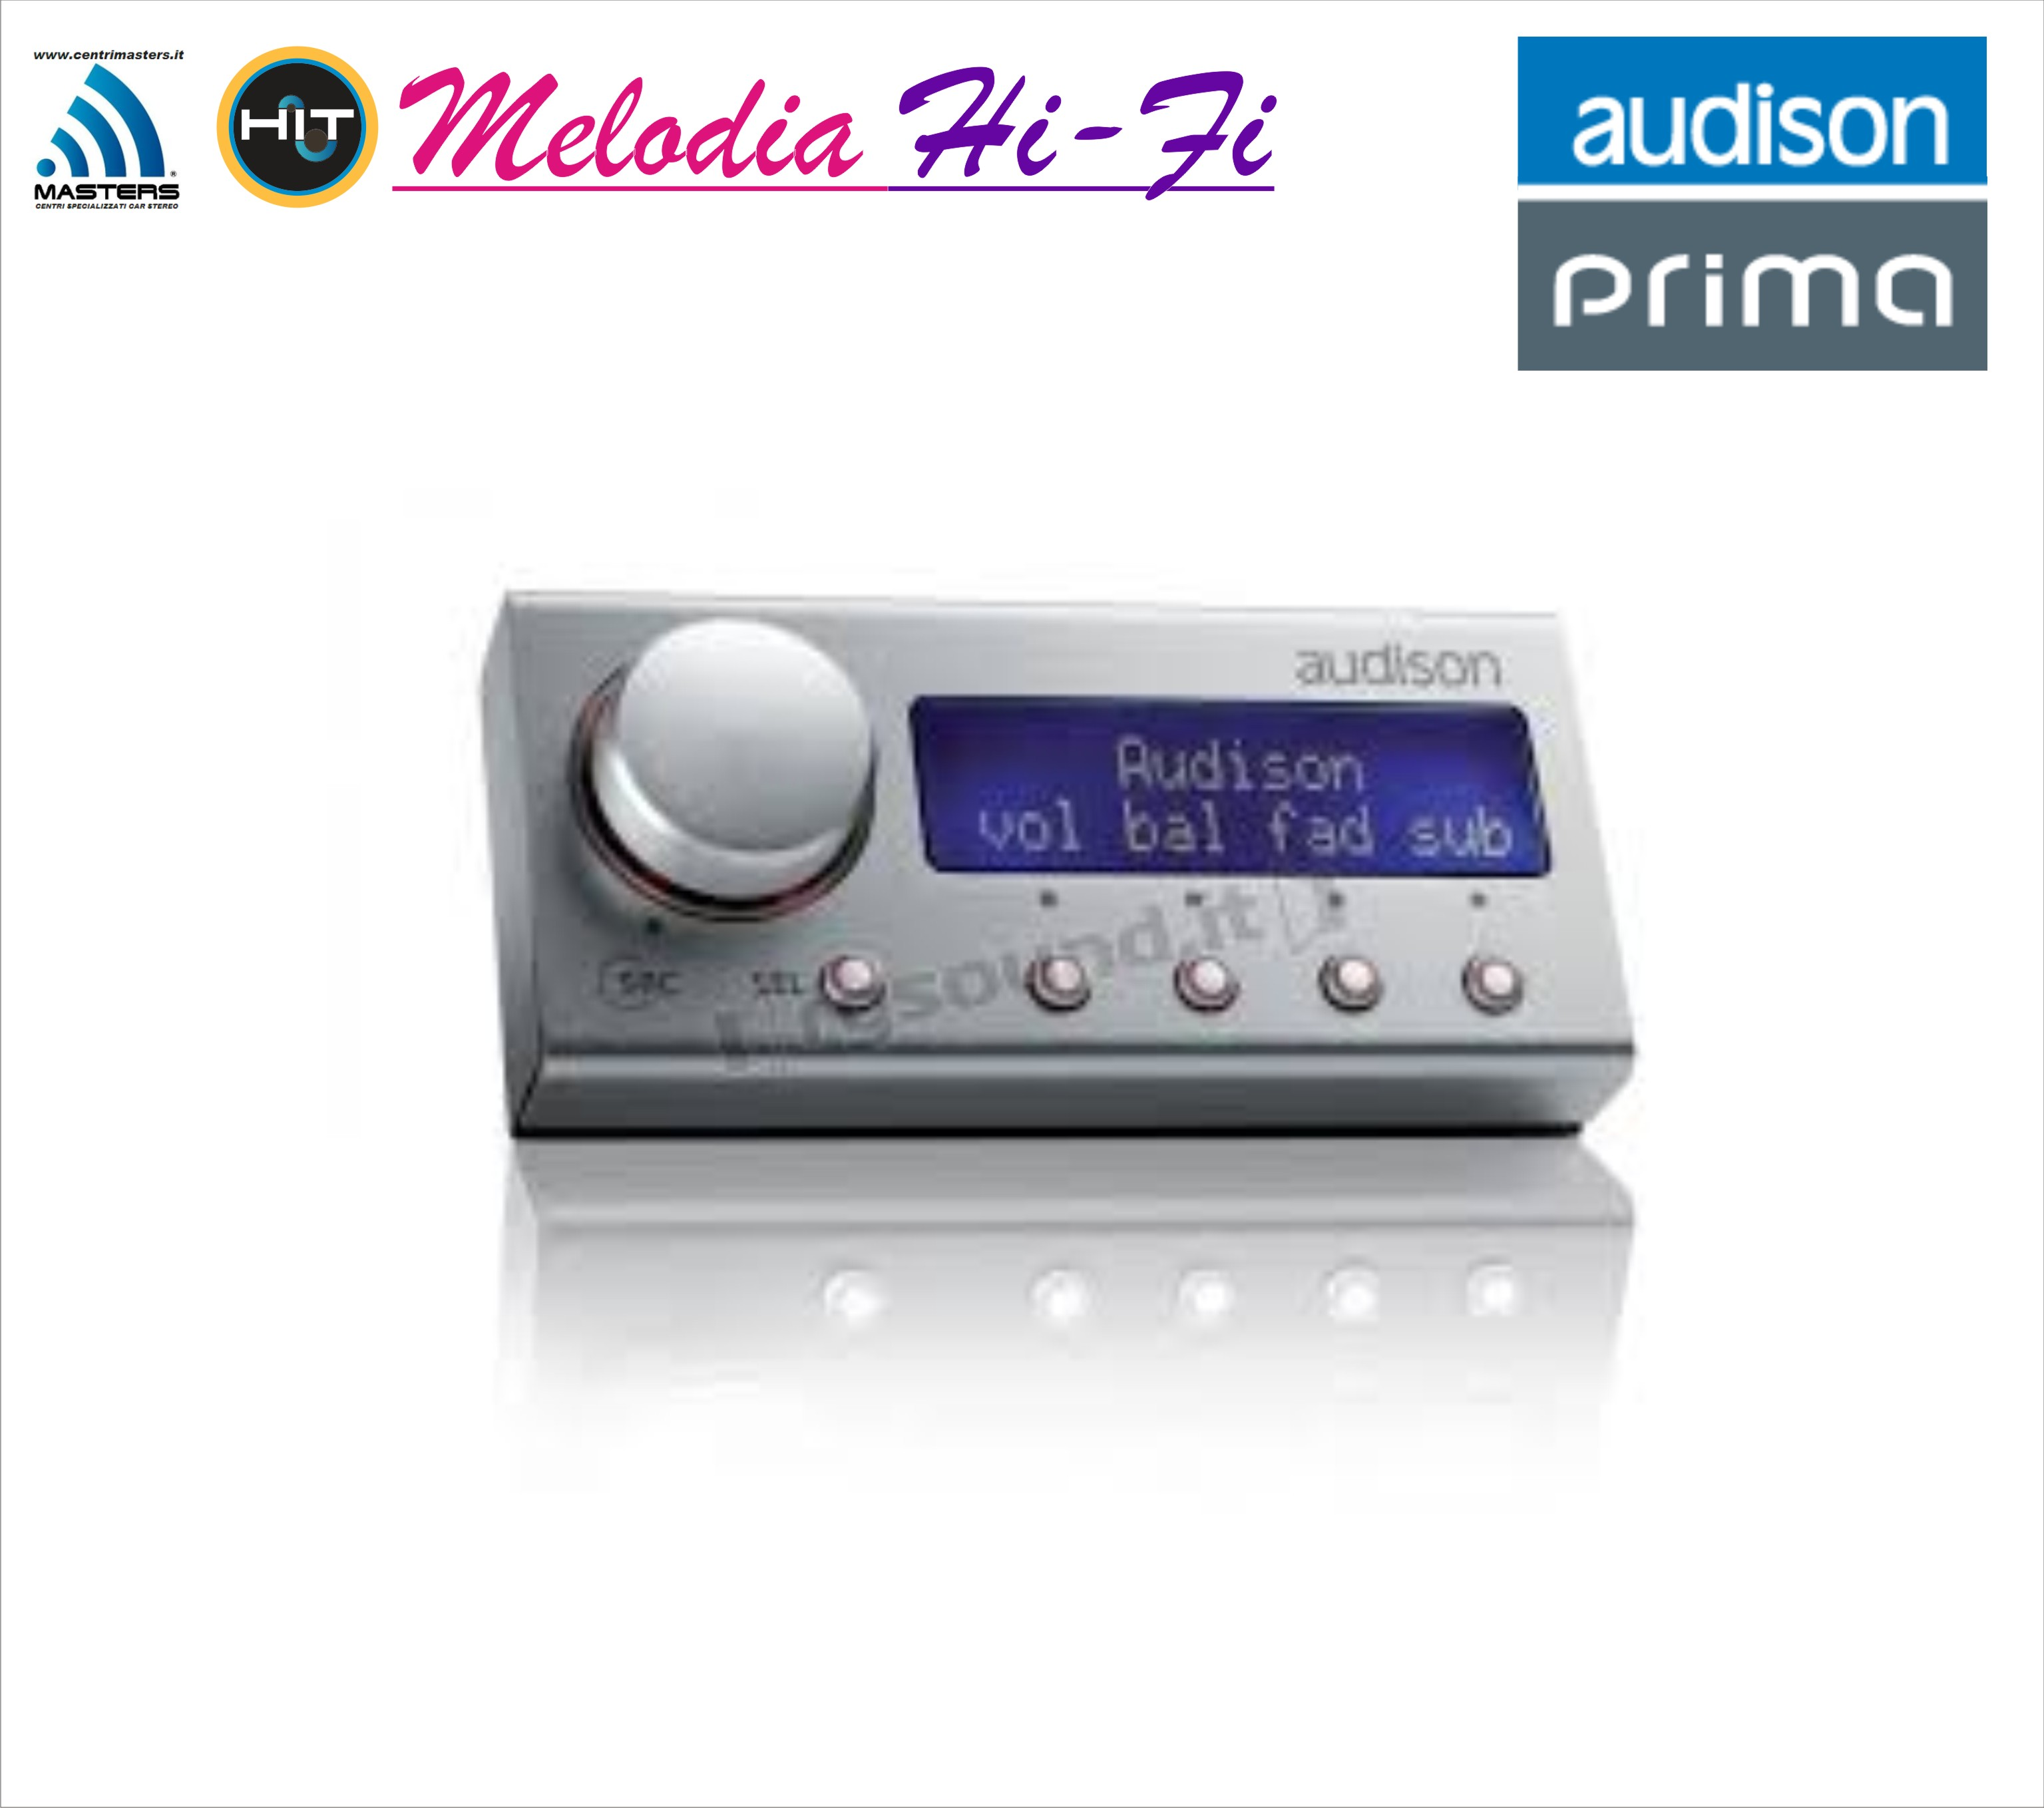 Melodia Hi-Fi - Elettroniche